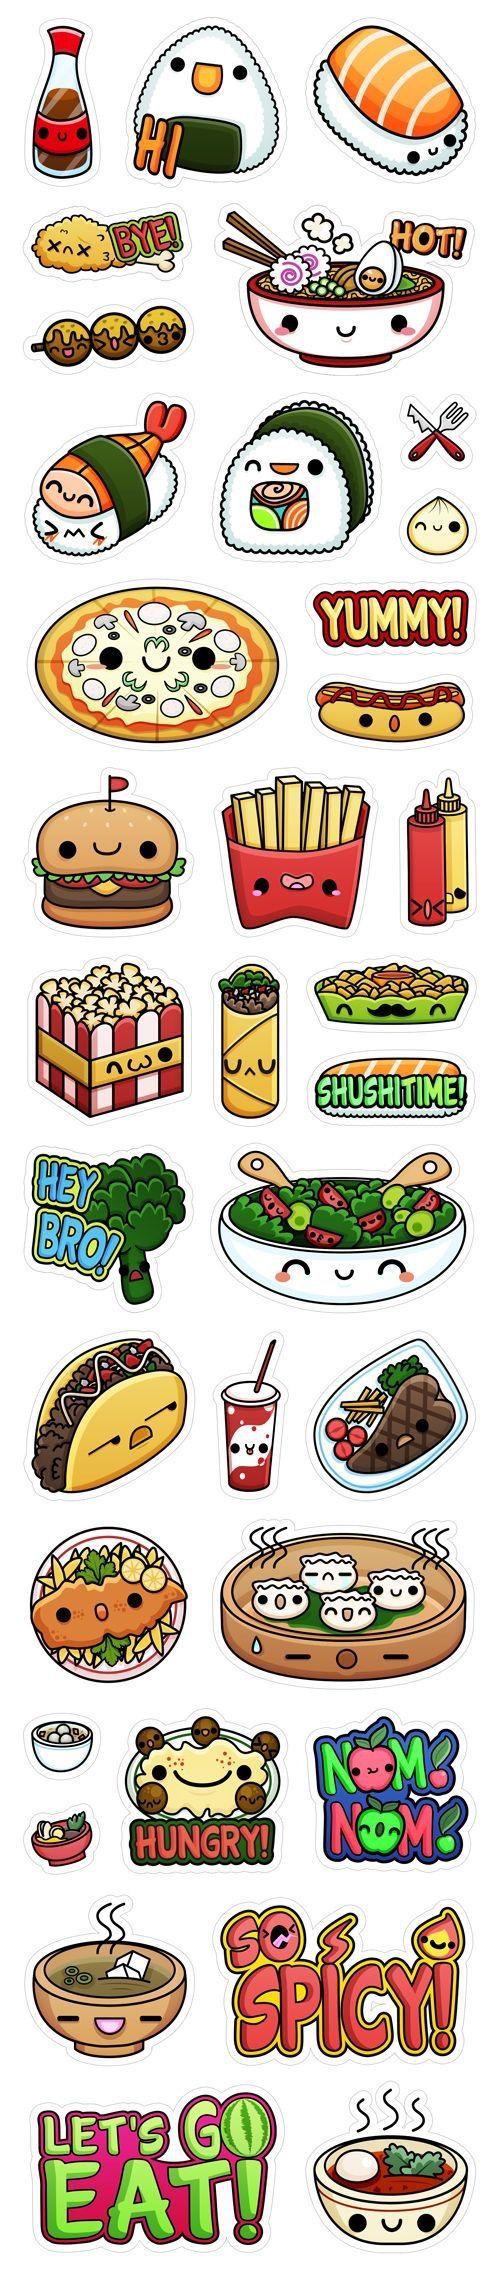 I Love Sushi Kawai Obrazky Pinterest